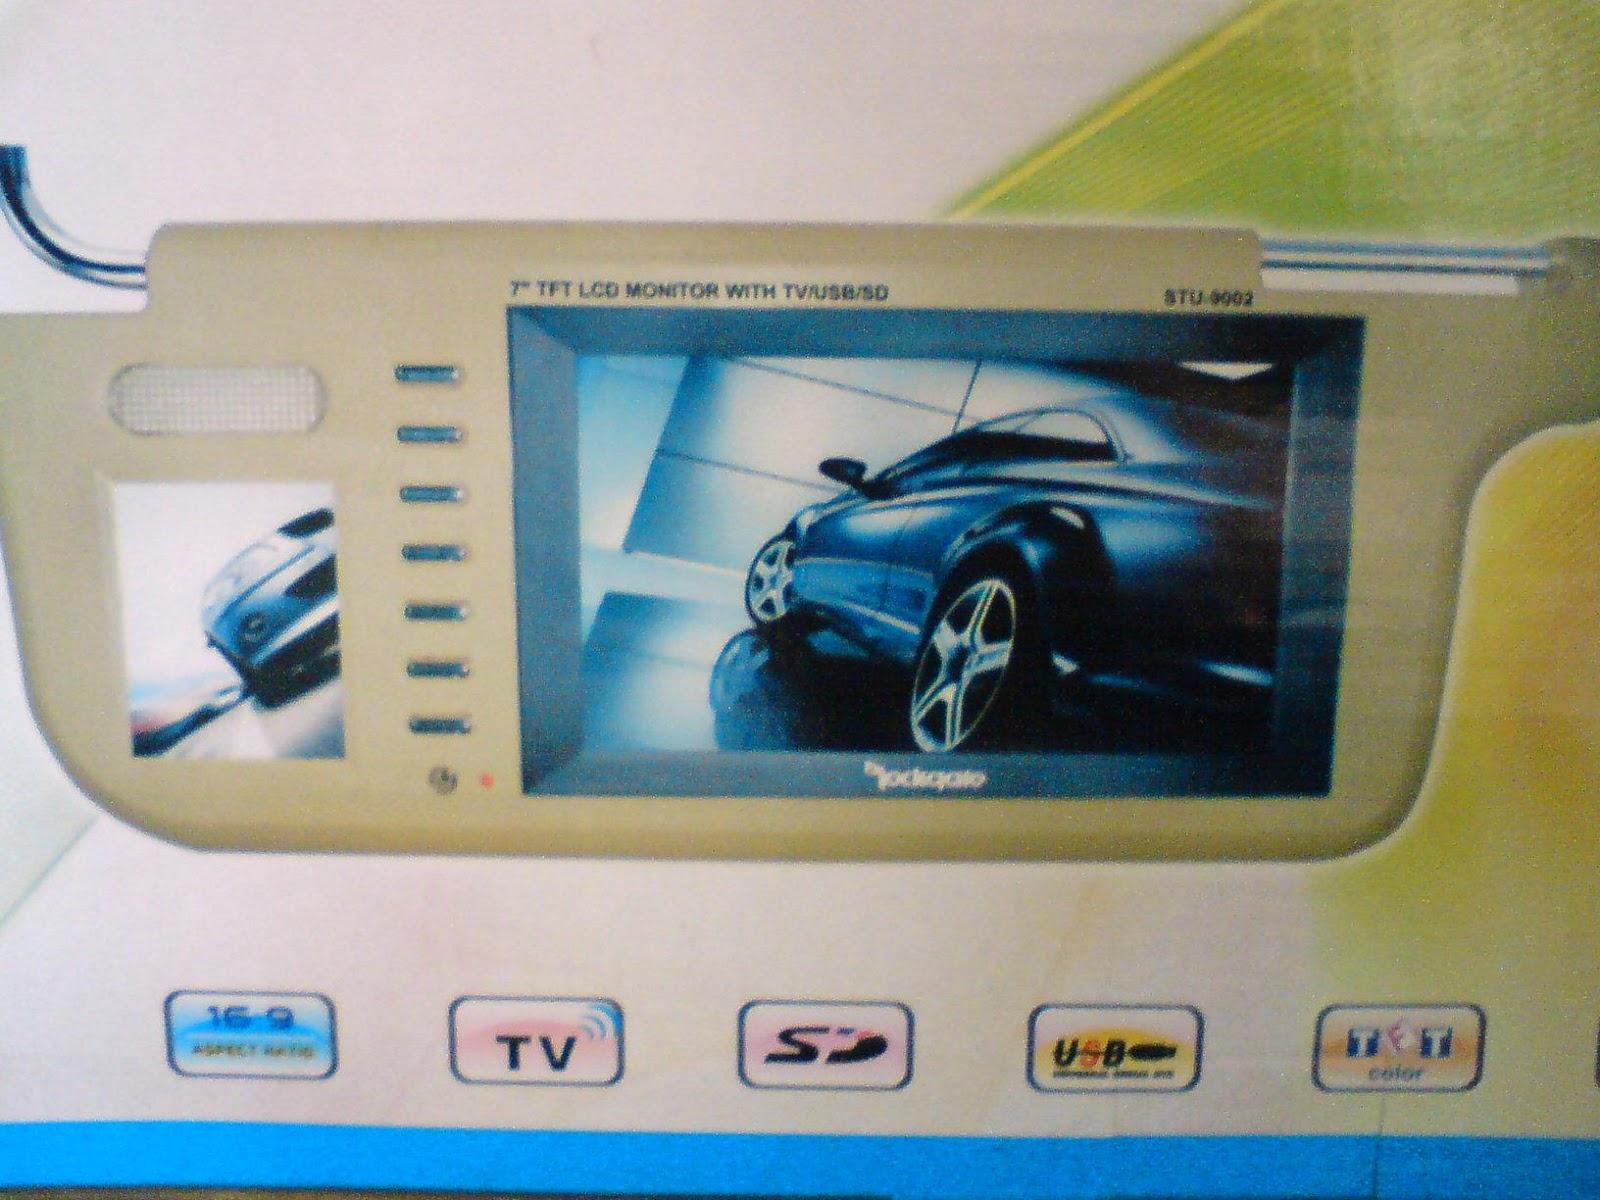 Harga Jual Tv Sunvisor Mobil Avt And 6000 Avelino An 922eg Head Plafon Roof Berbagai Jenis Monitor Catatan Kerja Saya